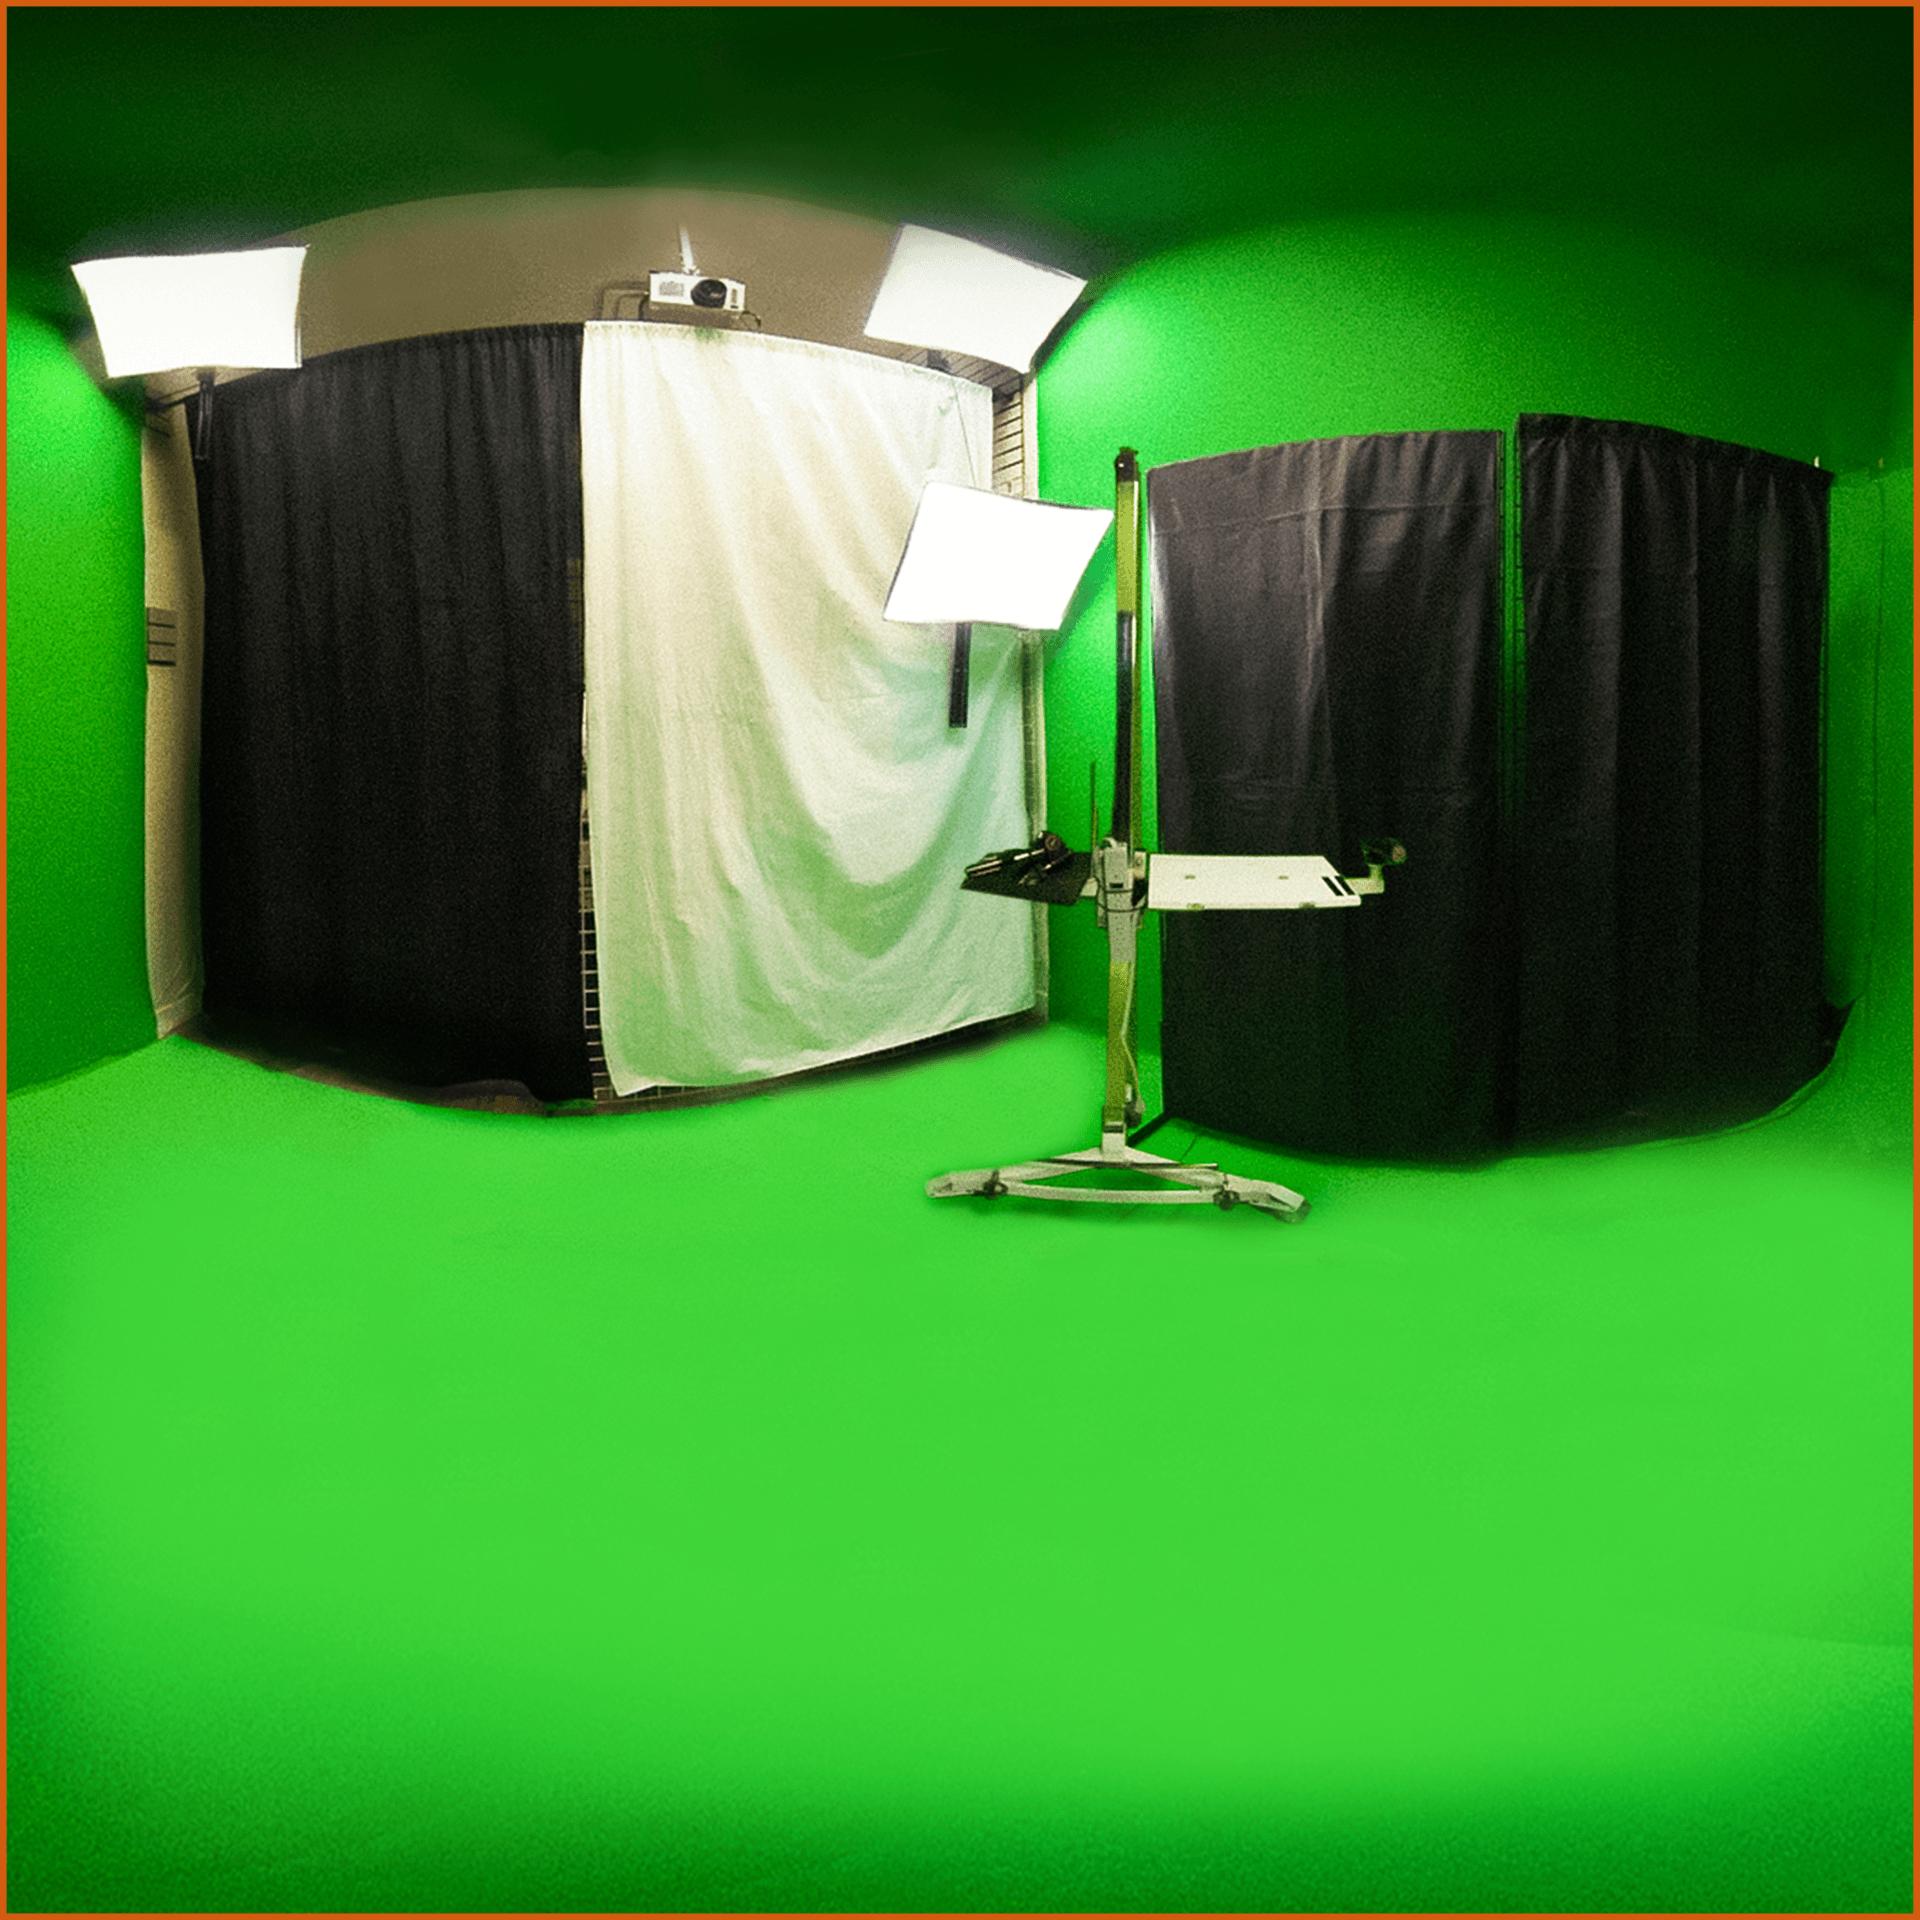 Studio de captation vidéo Écran vert avec accessoires éclairages, trépieds